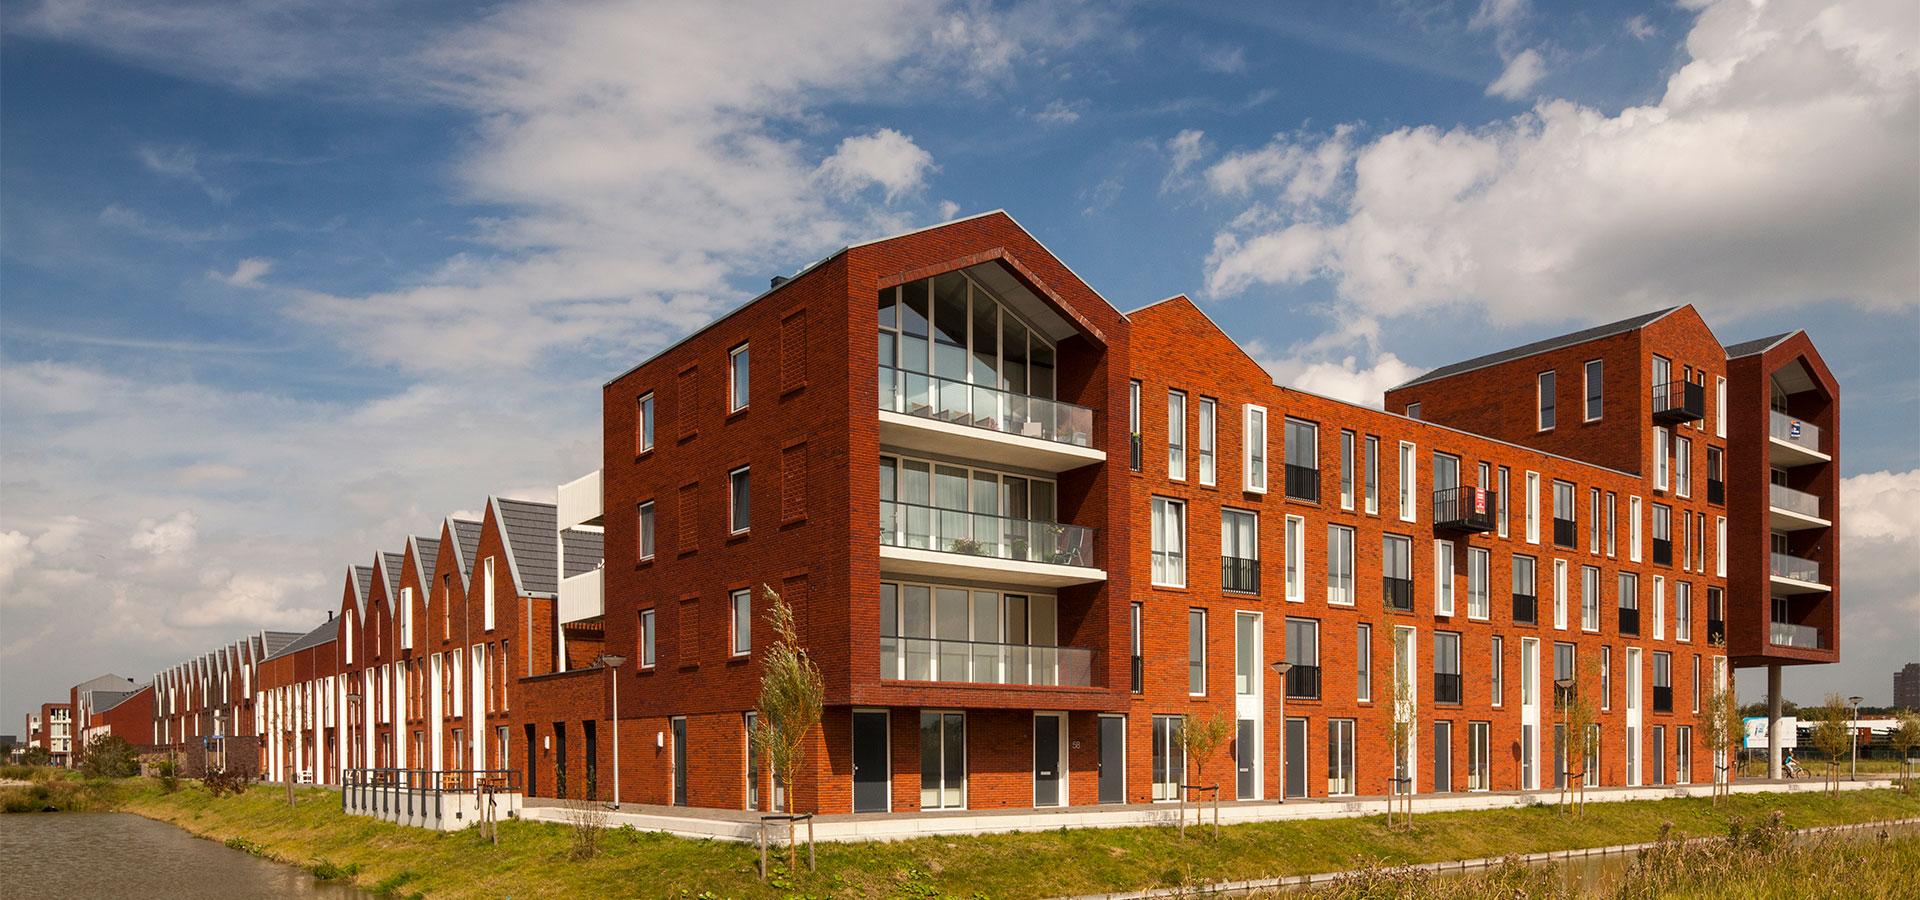 FARO architecten Harnaschpolder Delft 05